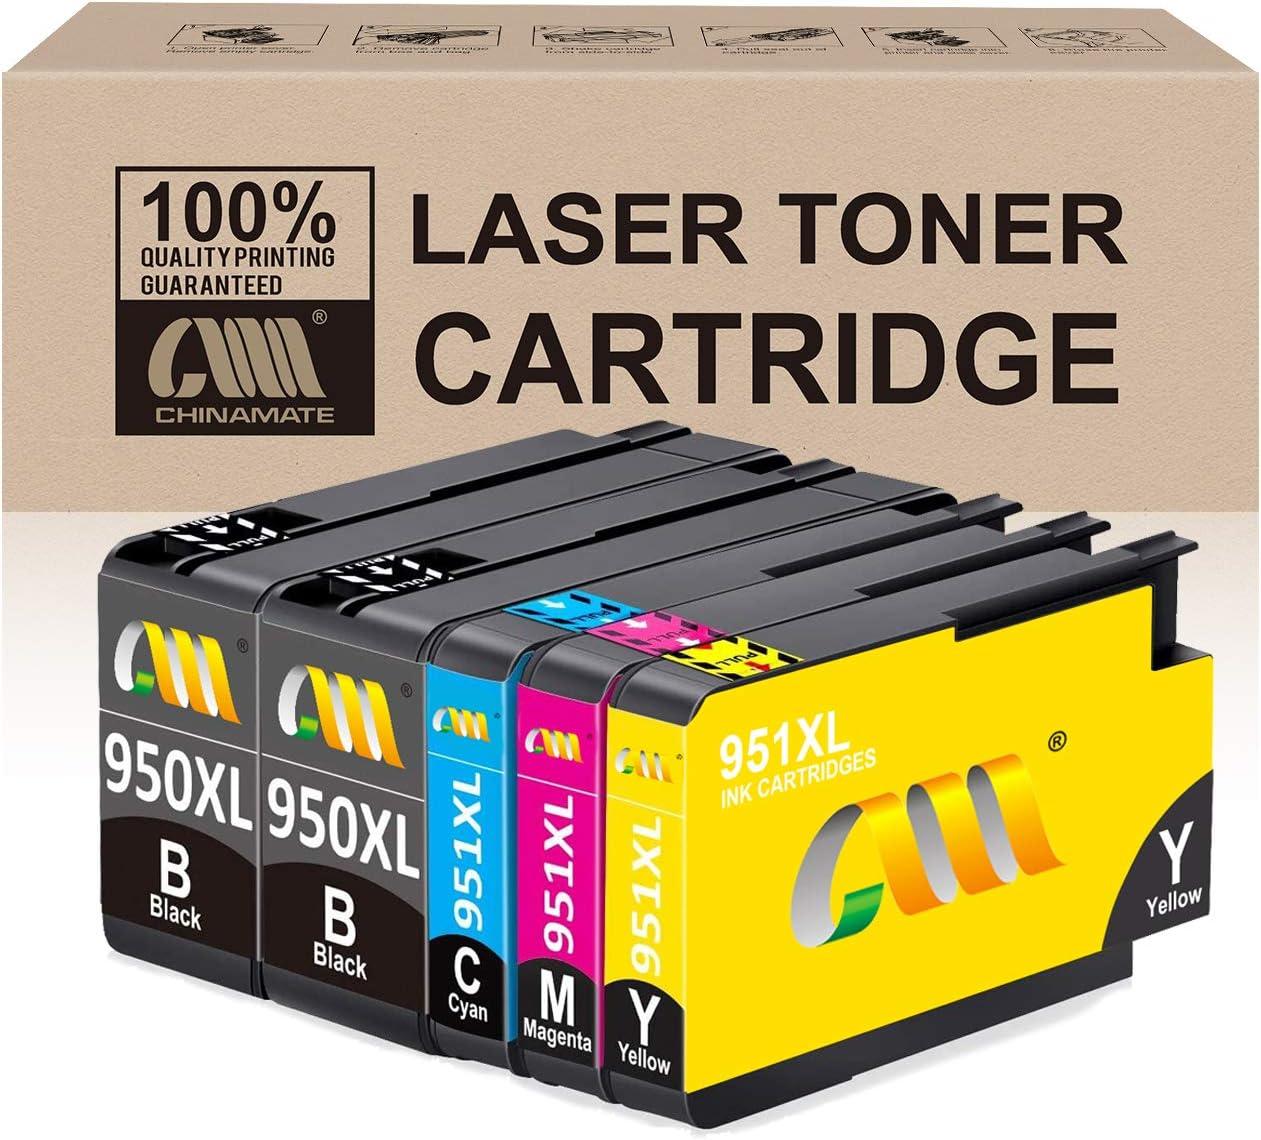 Reemplazo de cartucho de tinta compatible con CMCMCM para HP 950 XL 951 XL 950XL 951XL Trabajo para HP Officejet Pro 8600 8610 8620 8630 8640 8100 8625 8615 8660 251dw 276dw Impresora: Amazon.es: Electrónica